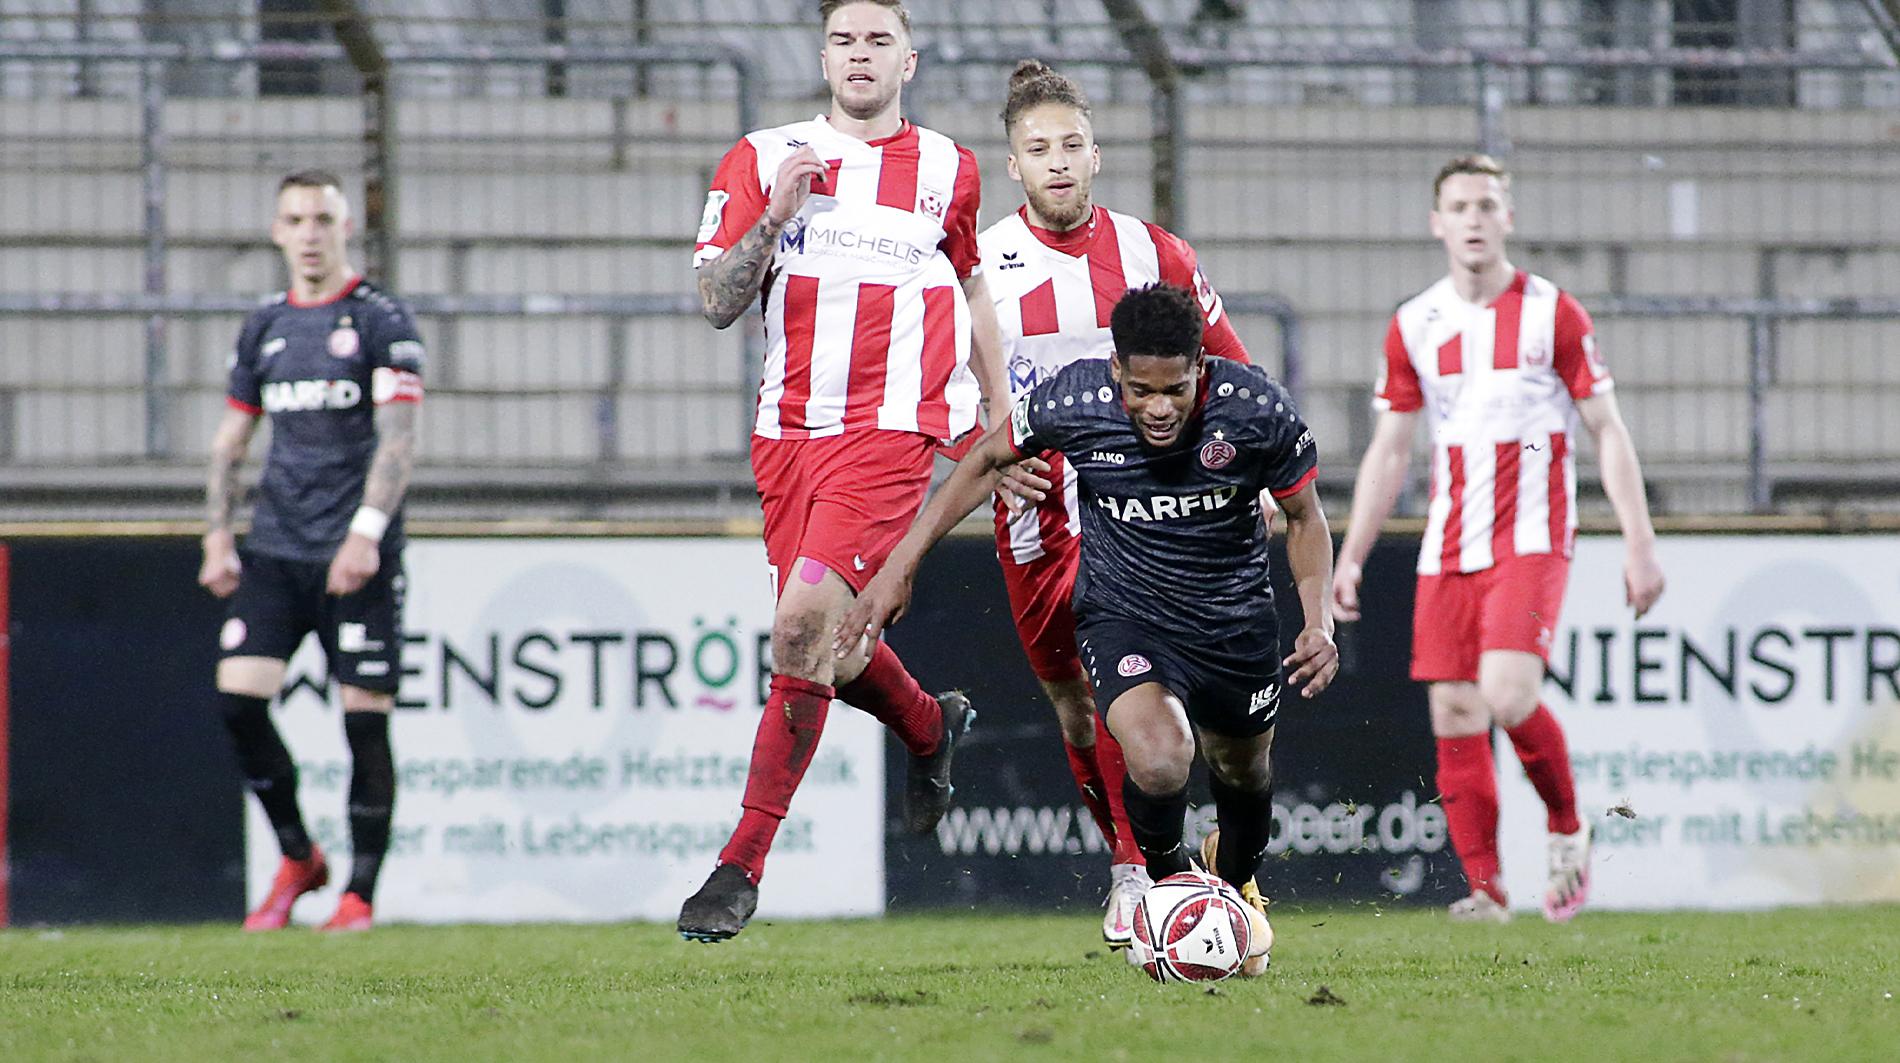 Am Ende wollte er nicht aus dem Spiel rein: RWE unterliegt mit 1:2 gegen Ahlen. (Foto: Endberg)